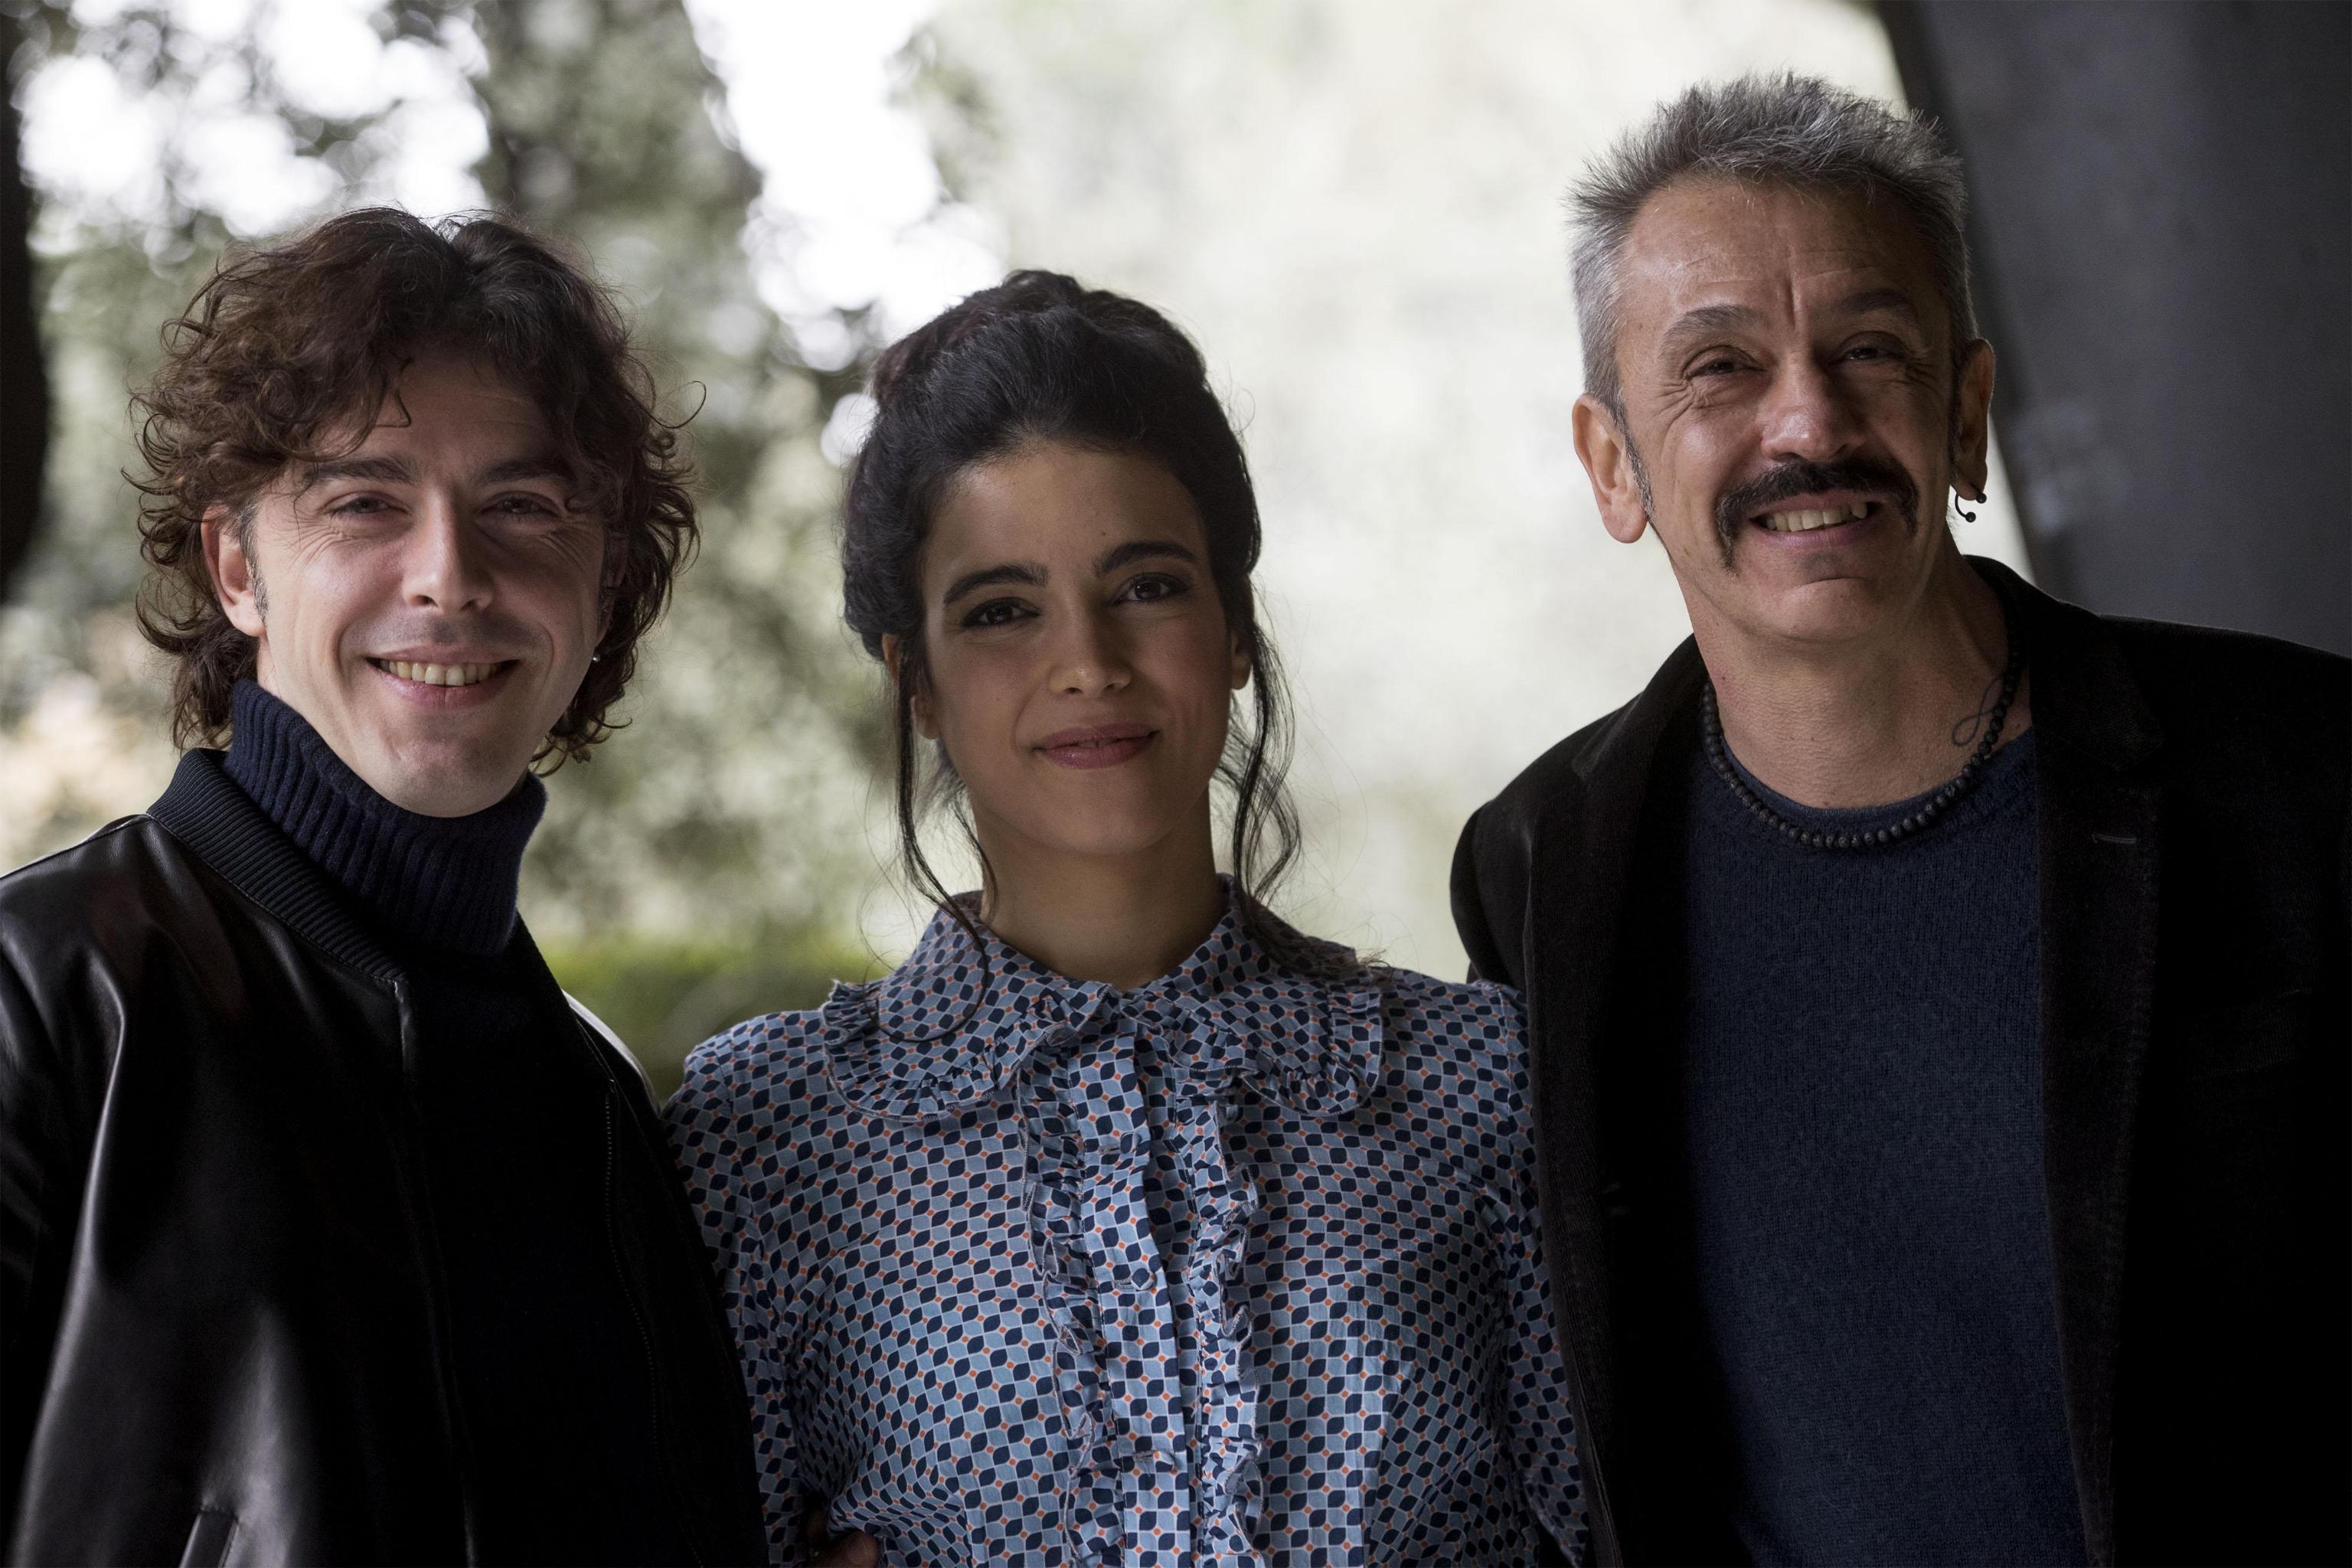 'La mossa del cavallo' di Camilleri, su Rai 1 il 26 febbraio 2018: trama del film